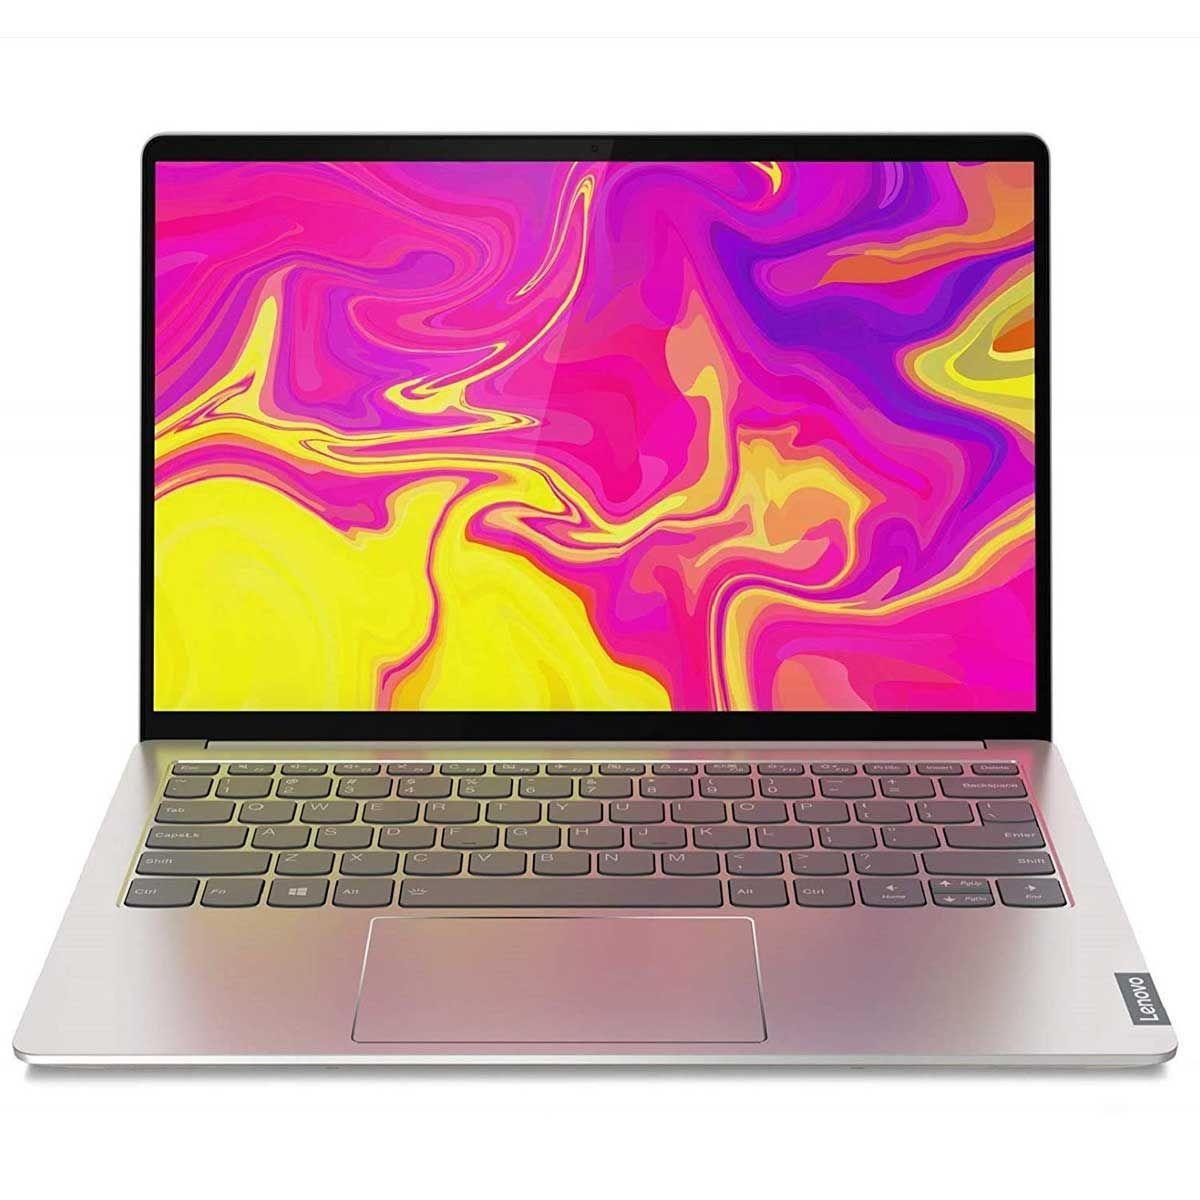 Lenovo IdeaPad S540 11th Gen Intel Core i7-1165G7 (2021)